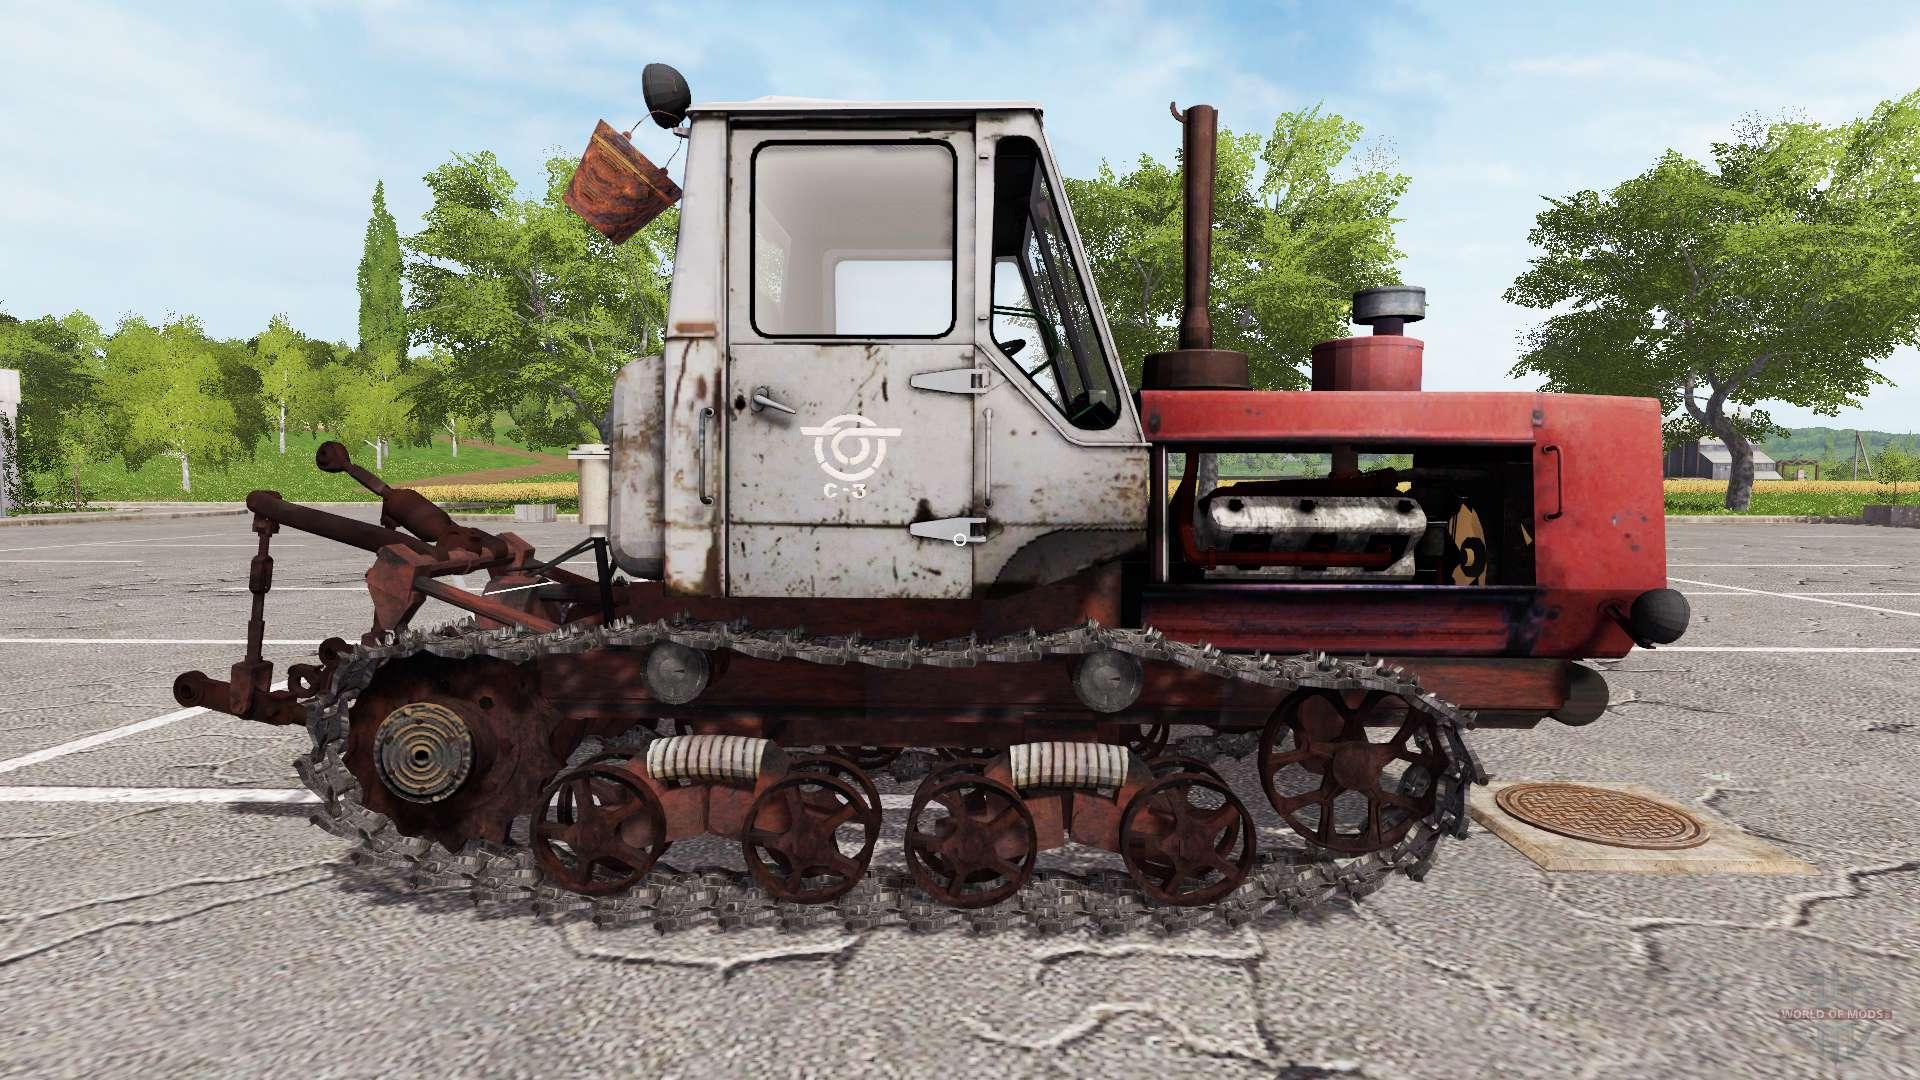 Продам ХТЗ Т-150 - ХТЗ Т-150, 2017 - Тракторы и.